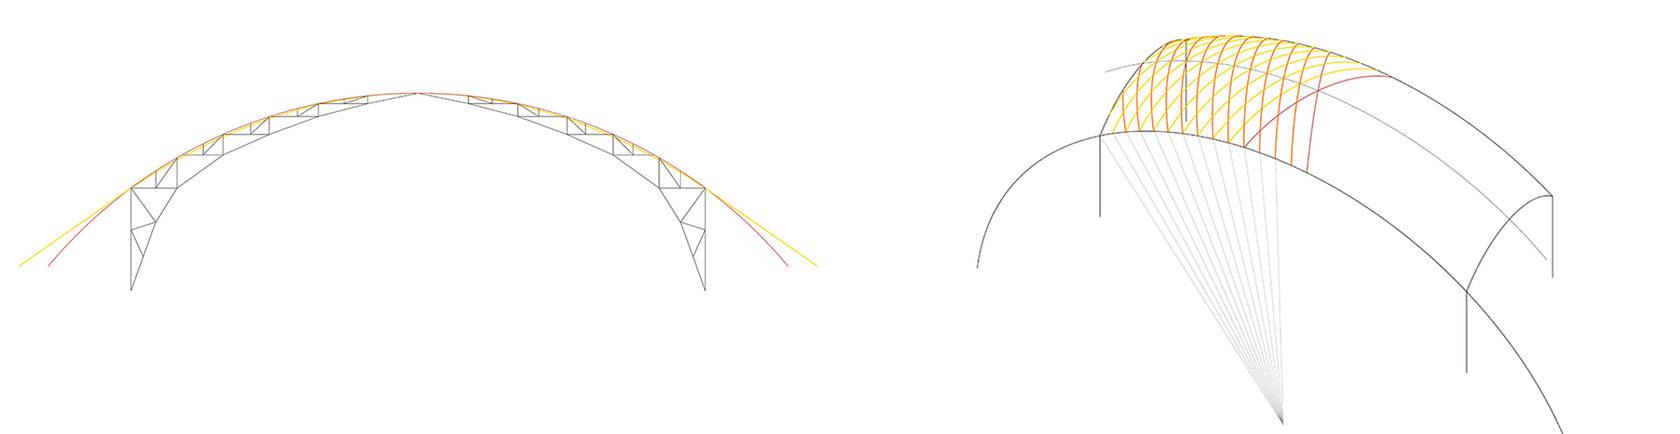 построение покрытия листопрокатного цеха в выксе